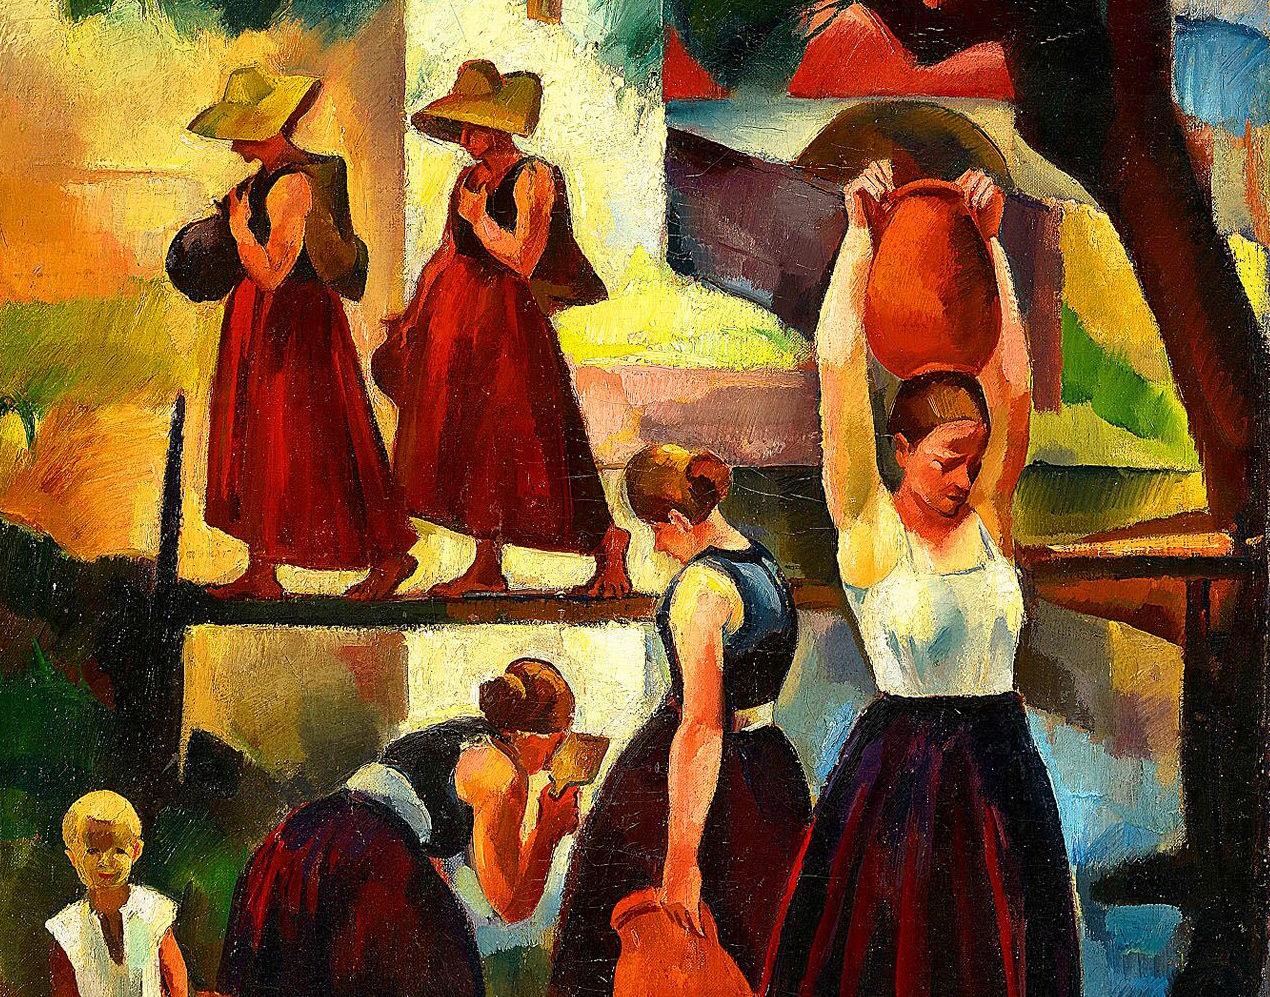 Mit jelent az, hogy erdélyi képzőművészet?